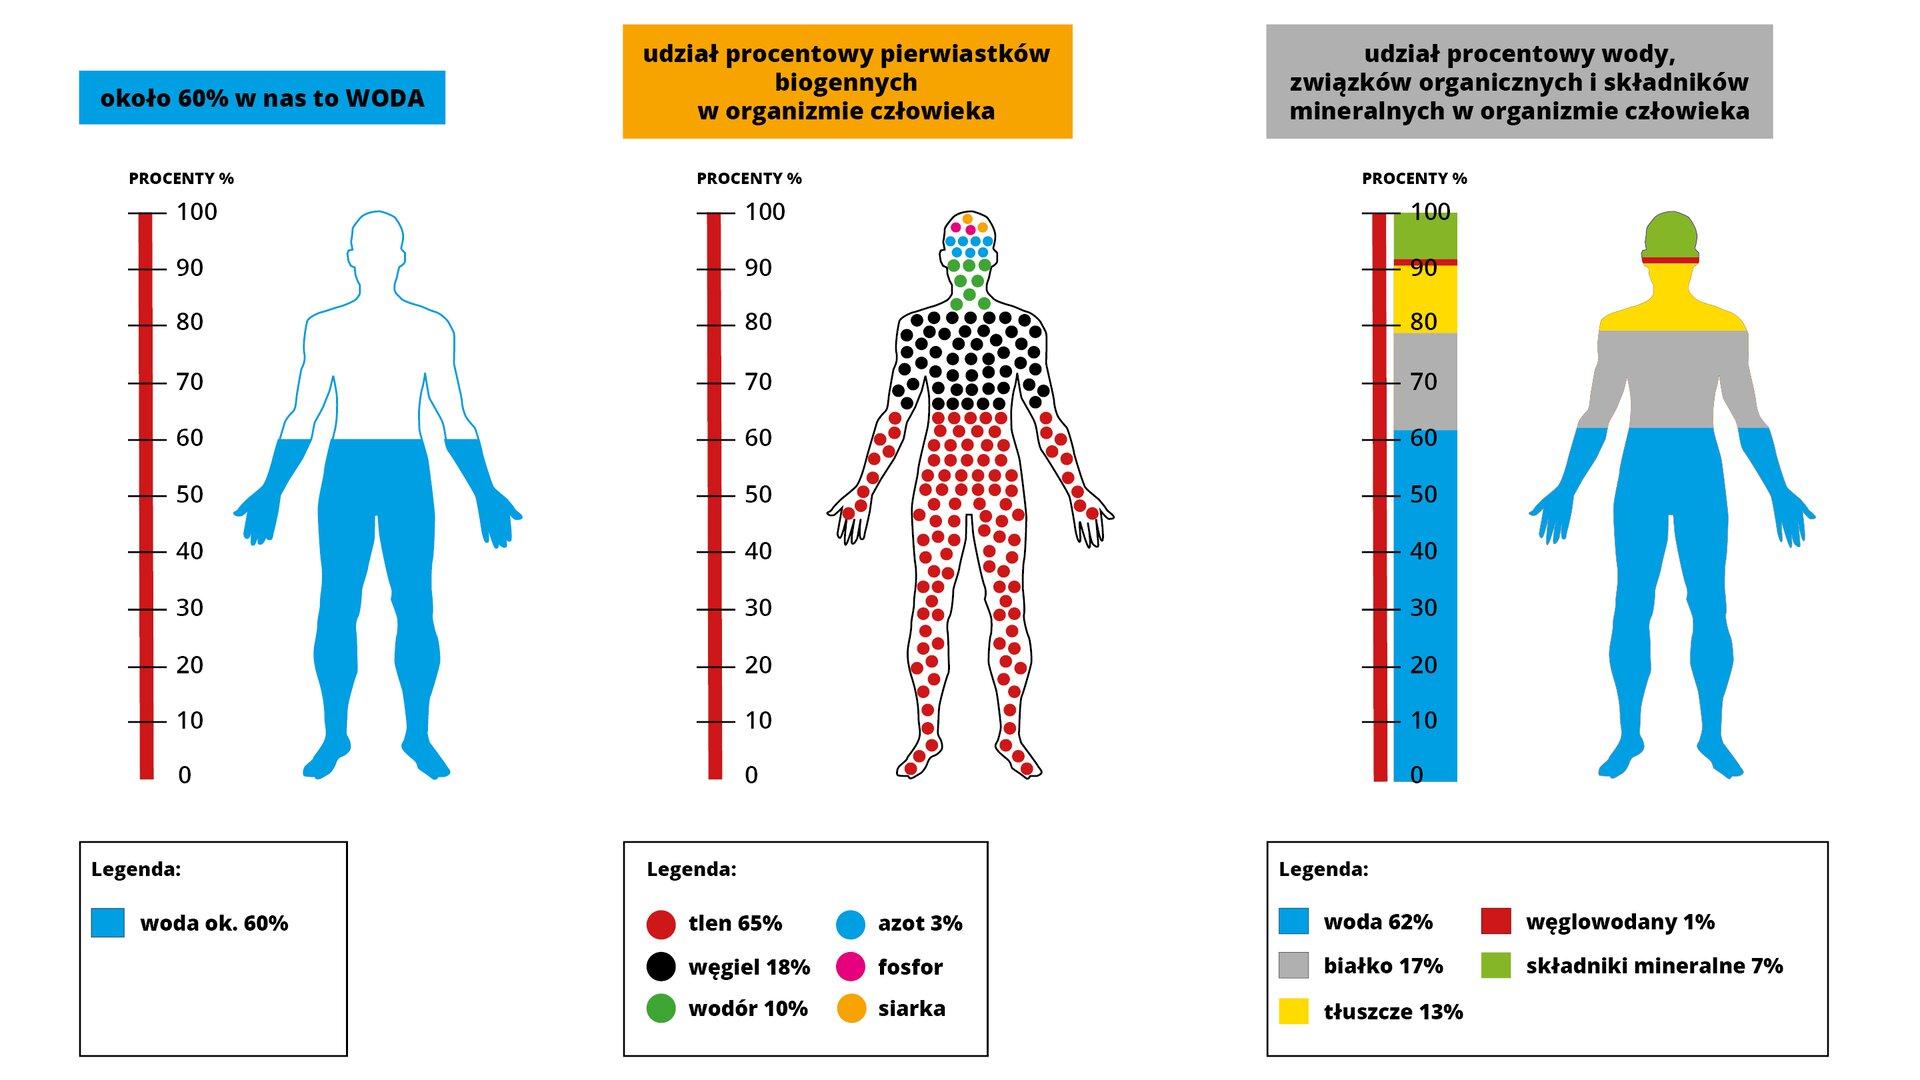 Na zamieszczonej grafice znajdują się zestawienia pokazujące procentowy udział wody, związków organicznych, pierwiastków iskładników mineralnych worganizmie człowieka. Na pierwszym od lewej elemencie grafiki znajduje się podziałka procentowa od zera do 100 procent, gdzie zero jest na dole, a100 na samej górze wskaźnika. Obok podziałki umieszczona jest sylwetka człowieka, która od stóp do pasa jest zaznaczona kolorem niebieskim. Kolor ten oznacza procentowy udział wody worganizmie, dokładnie jest to 60 procent. Druga grafika prezentuje procentowy udział pierwiastków biogennych worganizmie człowieka. Zlewej strony znajduje się oś zprocentami od zera do 100, po prawej zaś sylwetka człowieka zzaznaczonymi pierwiastkami, gdzie tlen stanowi 65%, węgiel 18%, wodór 10%, azot 3%, fosfor isiarka. Ostatni wskaźnik określa procentowy udział wody, związków organicznych iskładników mineralnych worganizmie człowieka. Lewa strona grafiki to pionowa podziałka od zera do 100, po prawej sylwetka człowieka zoznaczeniami odpowiednio kolorami udziału wody 62%, białka 17%, tłuszczu 13%, węglowodany 1% iskładniki mineralne 7%.